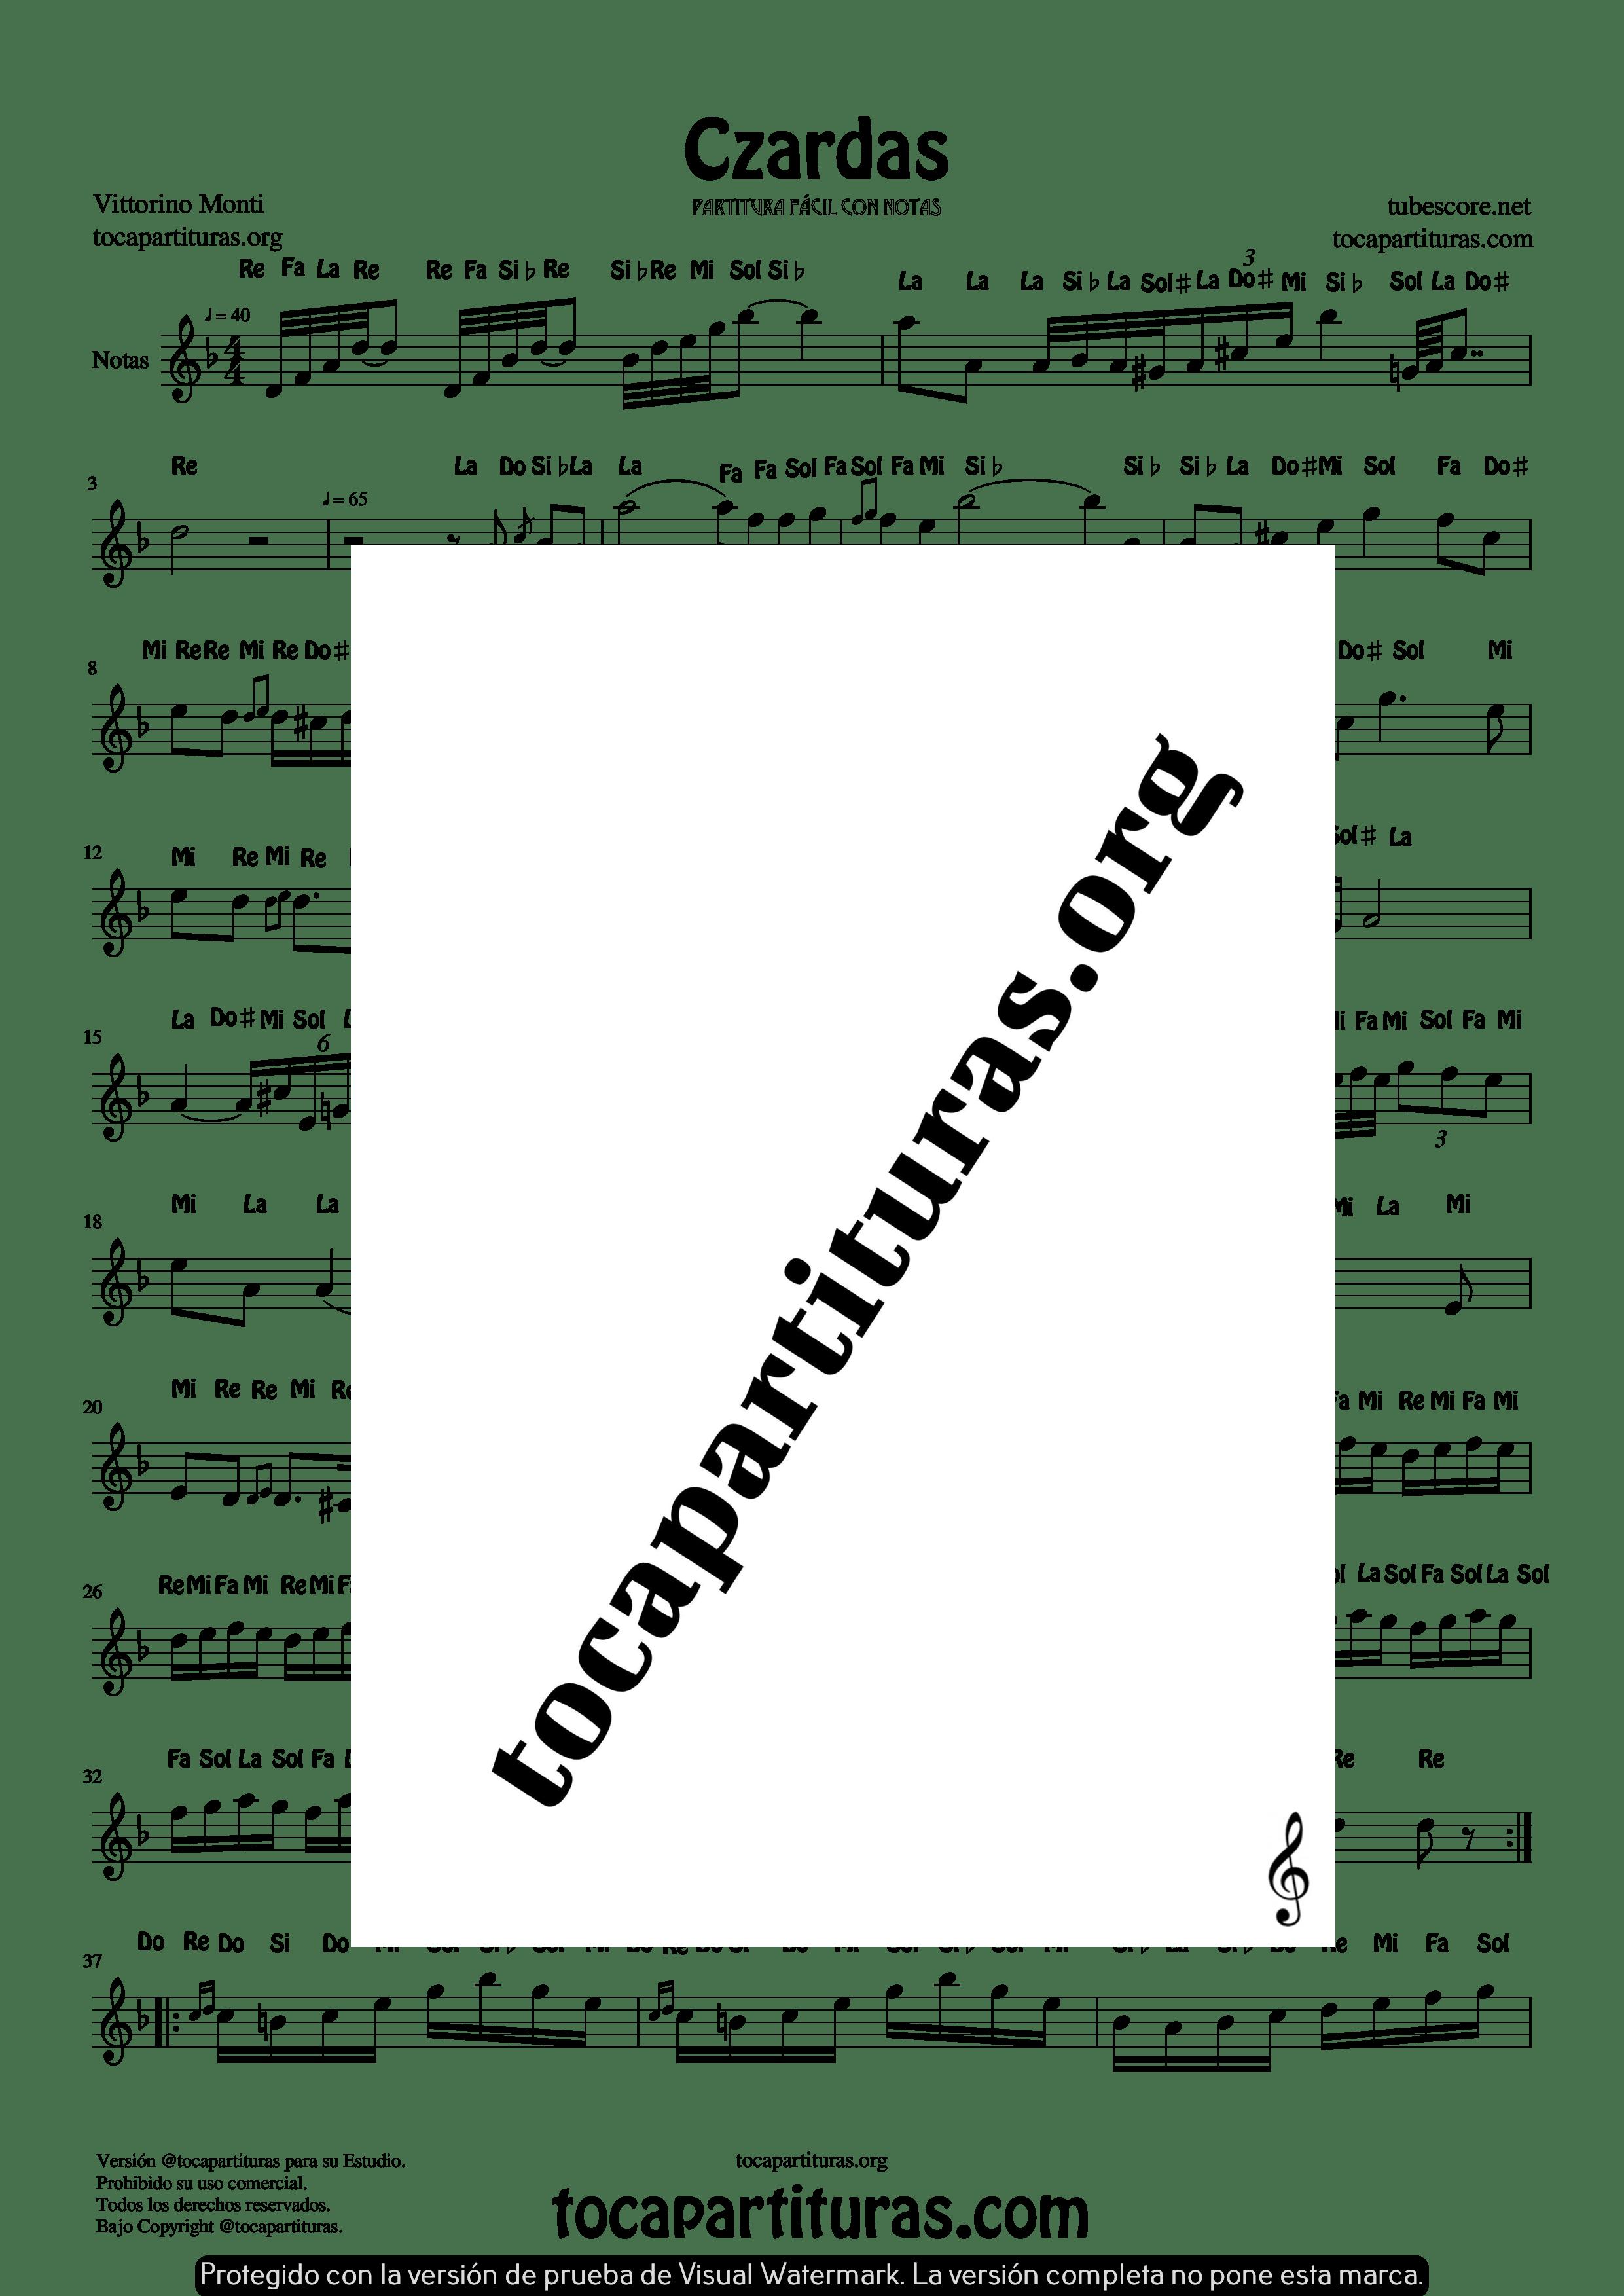 Czardas Partitura fácil con Notas para Flauta Violín Oboe PDF con Karaoke